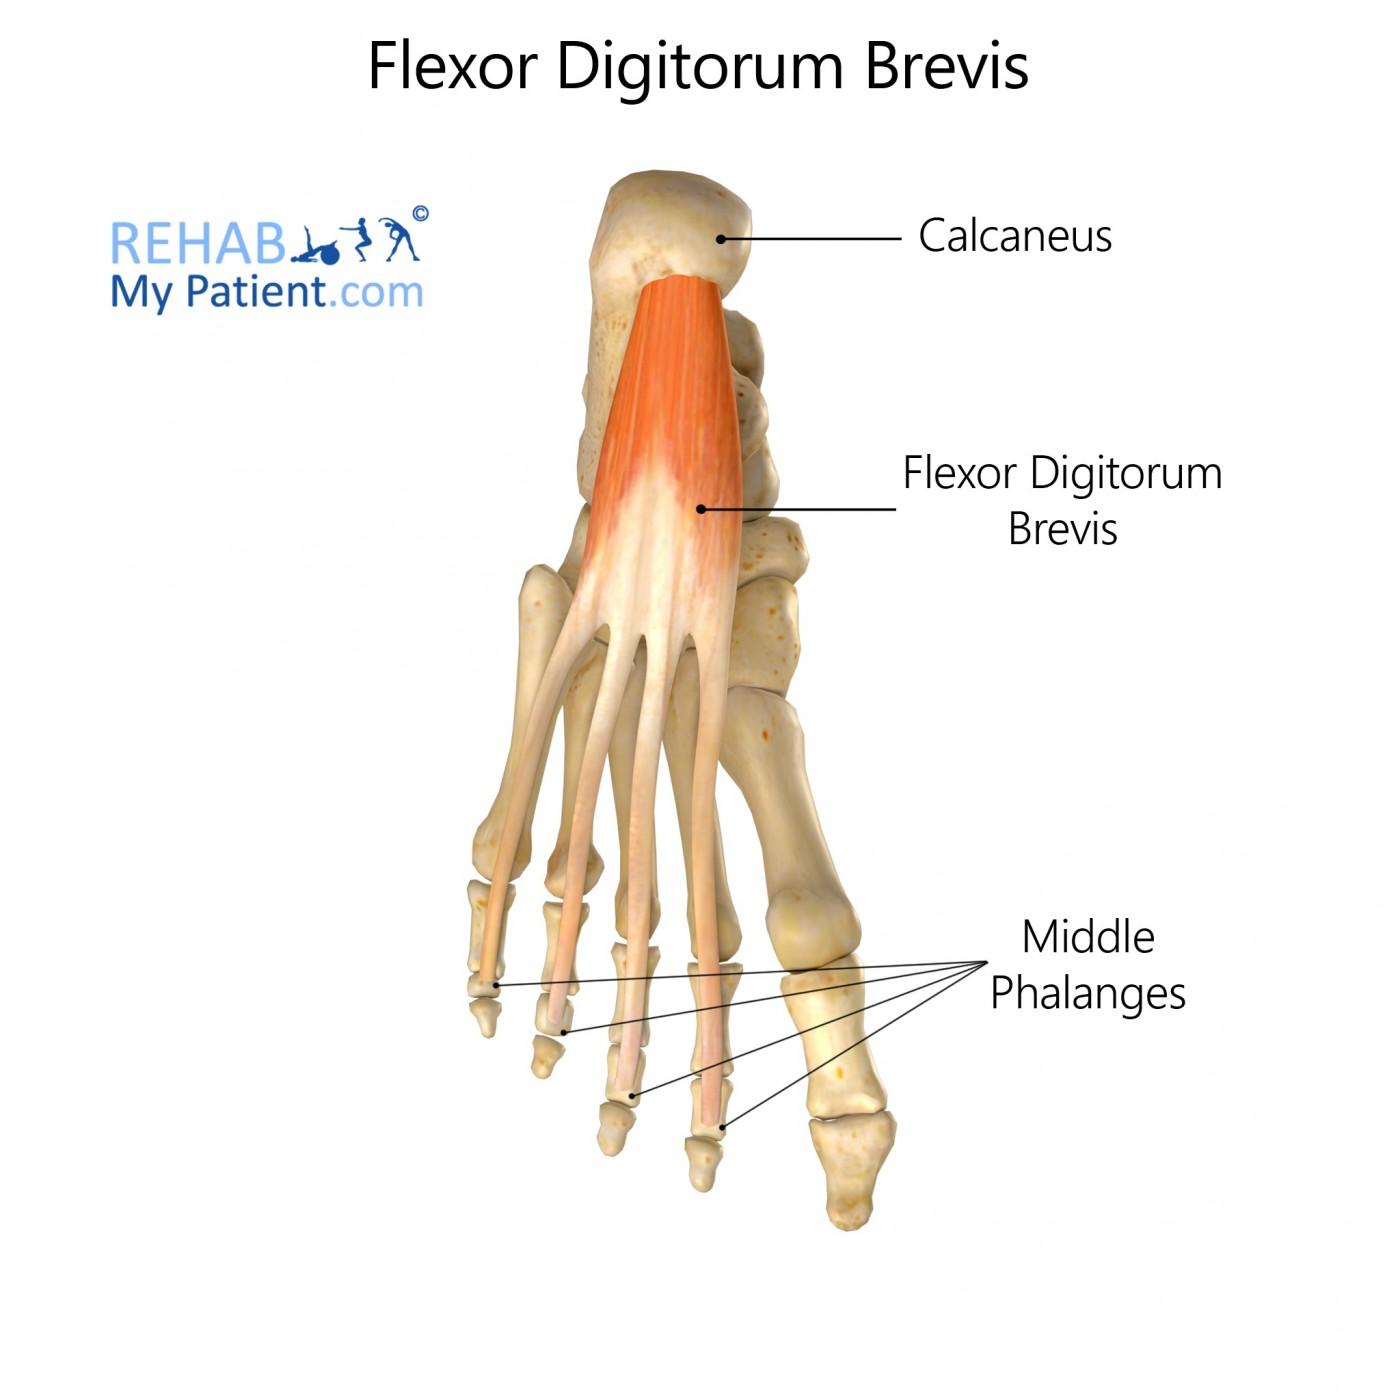 Flexor Digitorum Brevis